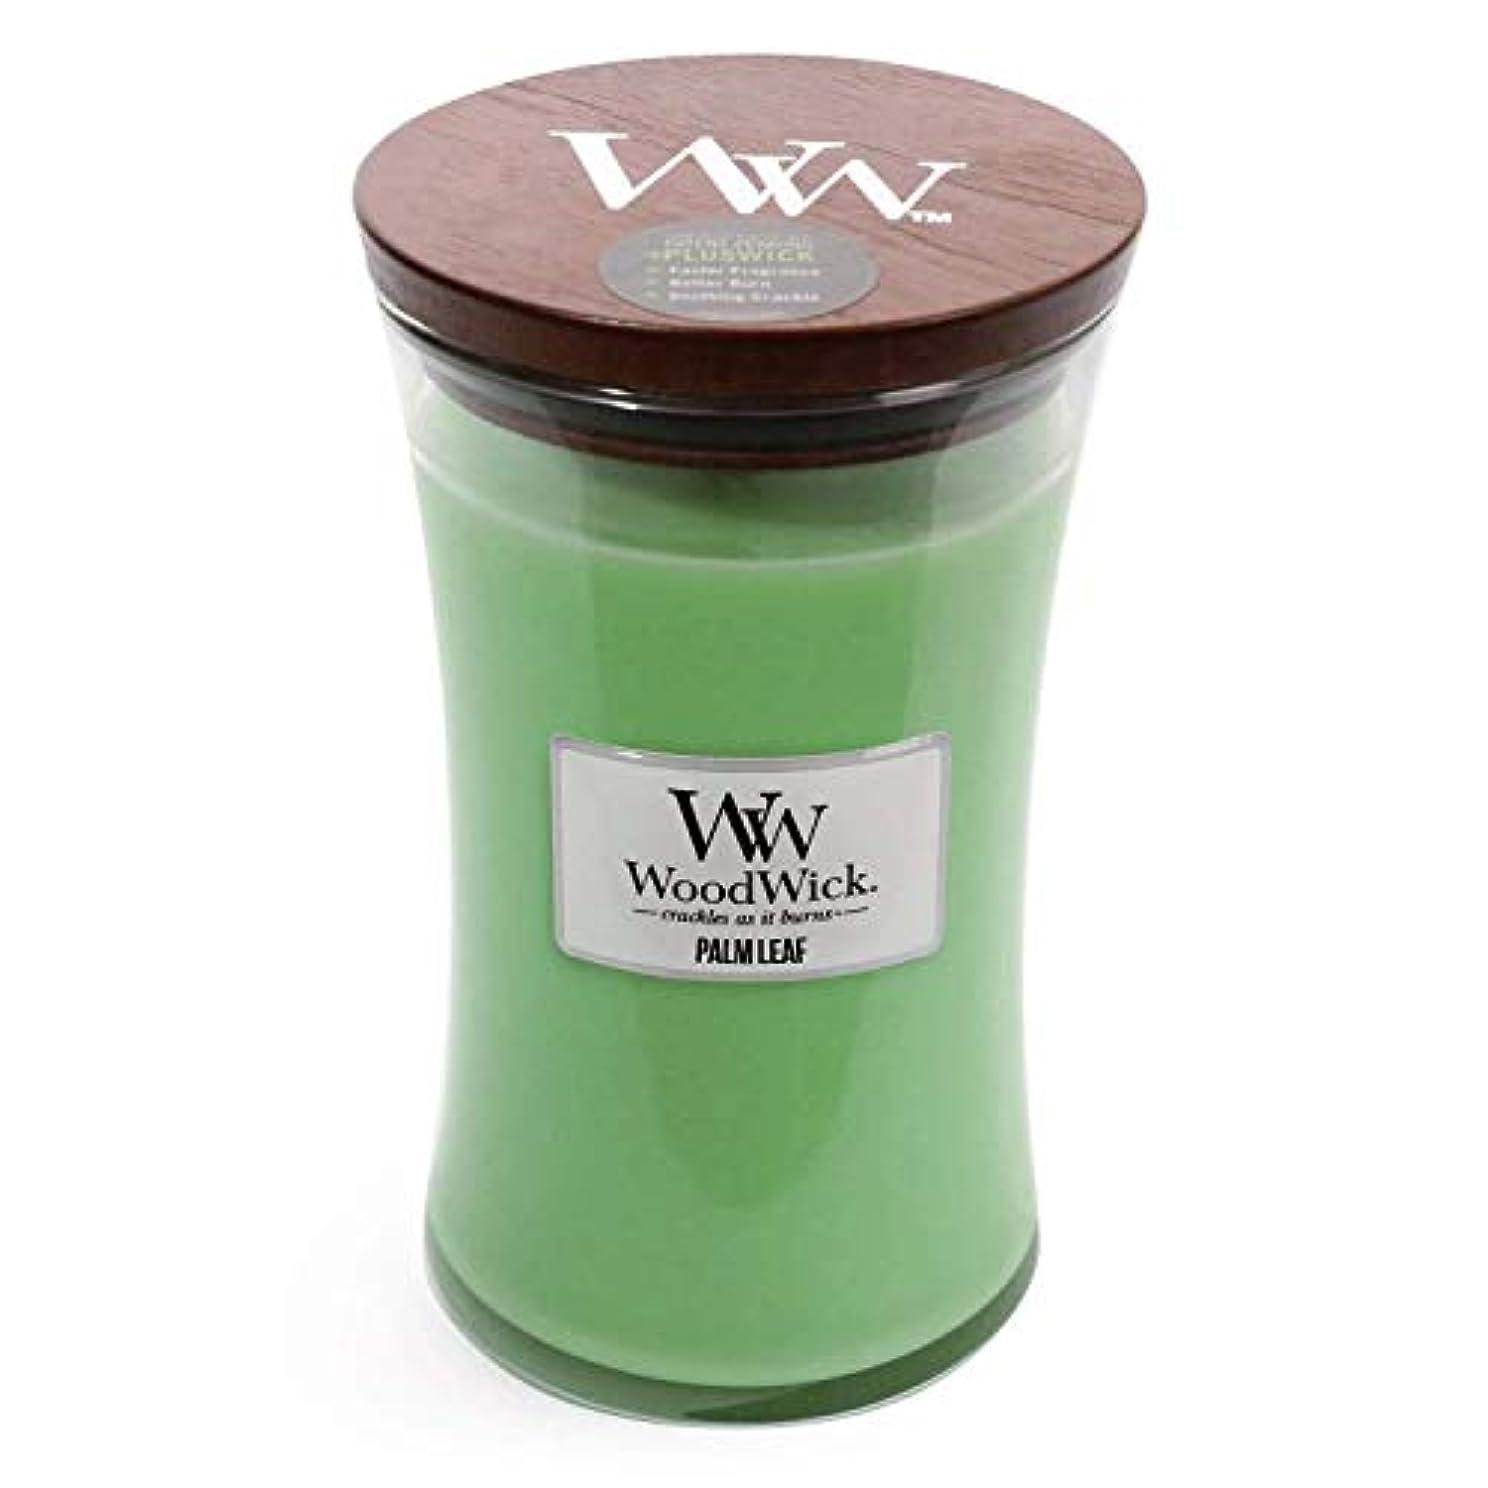 発掘するやけど生命体Palm Leaf WoodWick 22 oz Large砂時計Jar Candle Burns 180時間